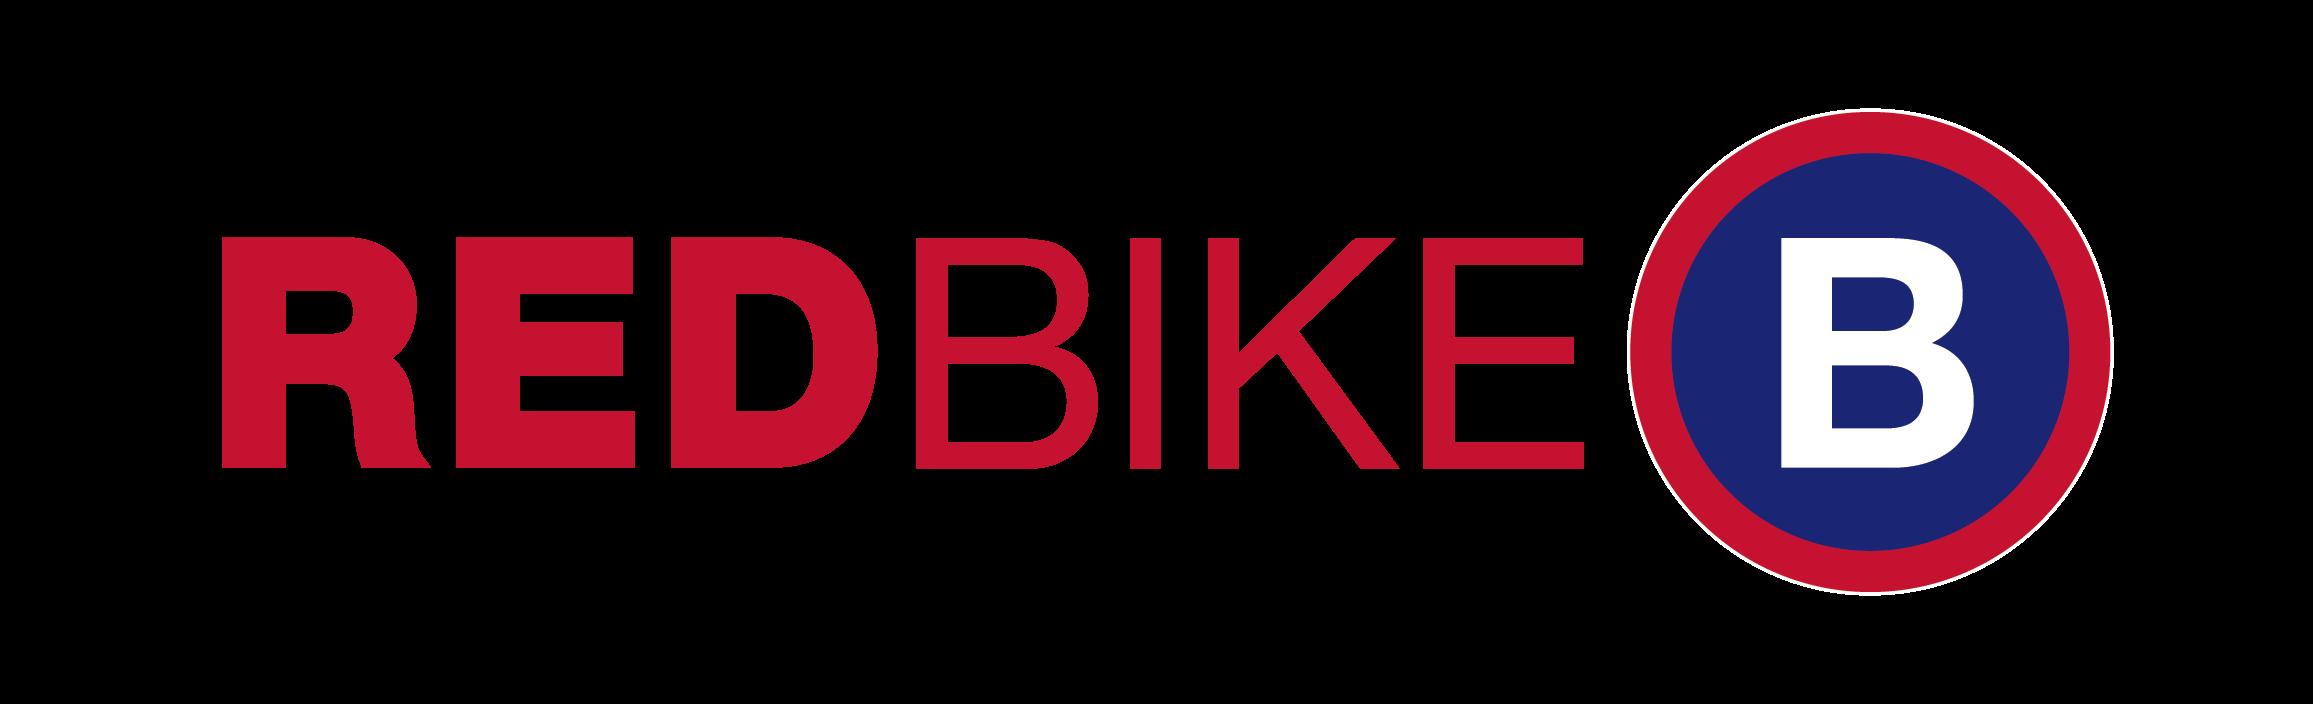 RedBike_logo.png